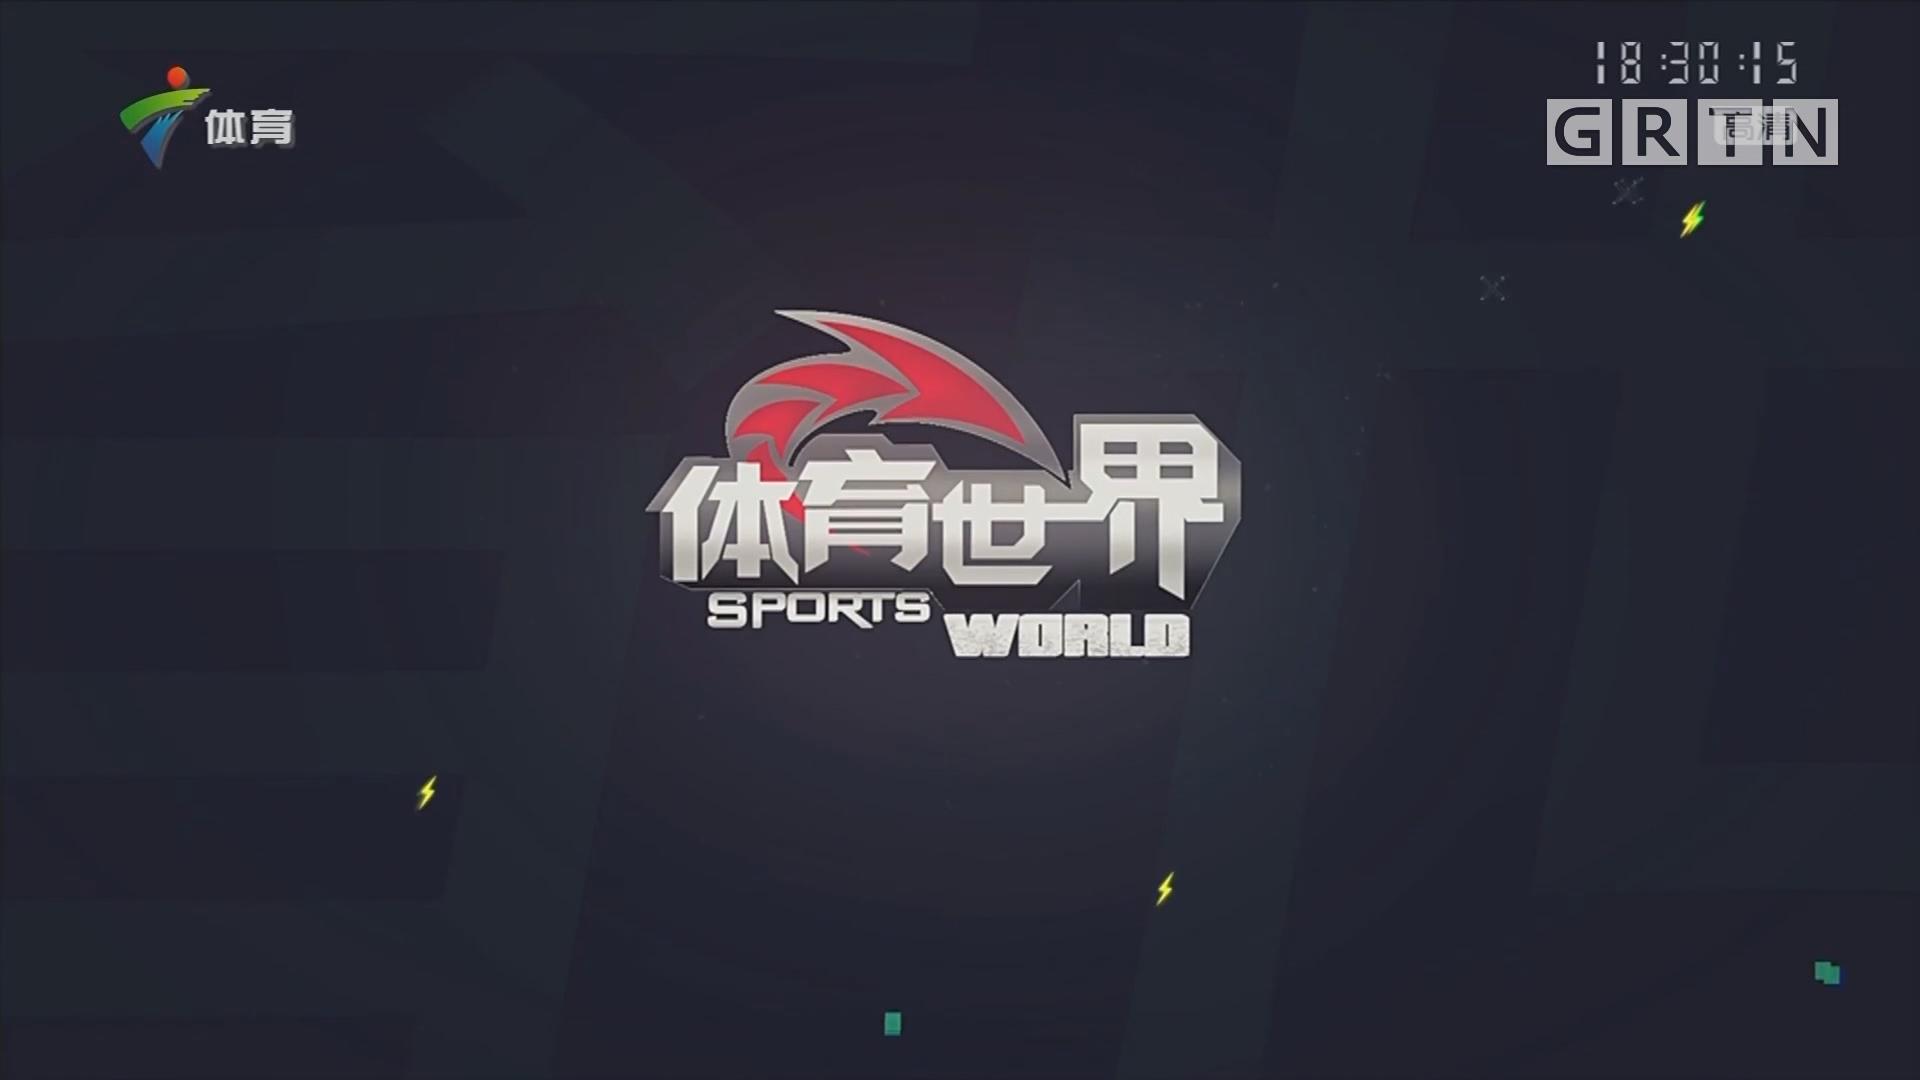 [HD][2019-01-10]体育世界:东方职业摔角联盟造访东莞